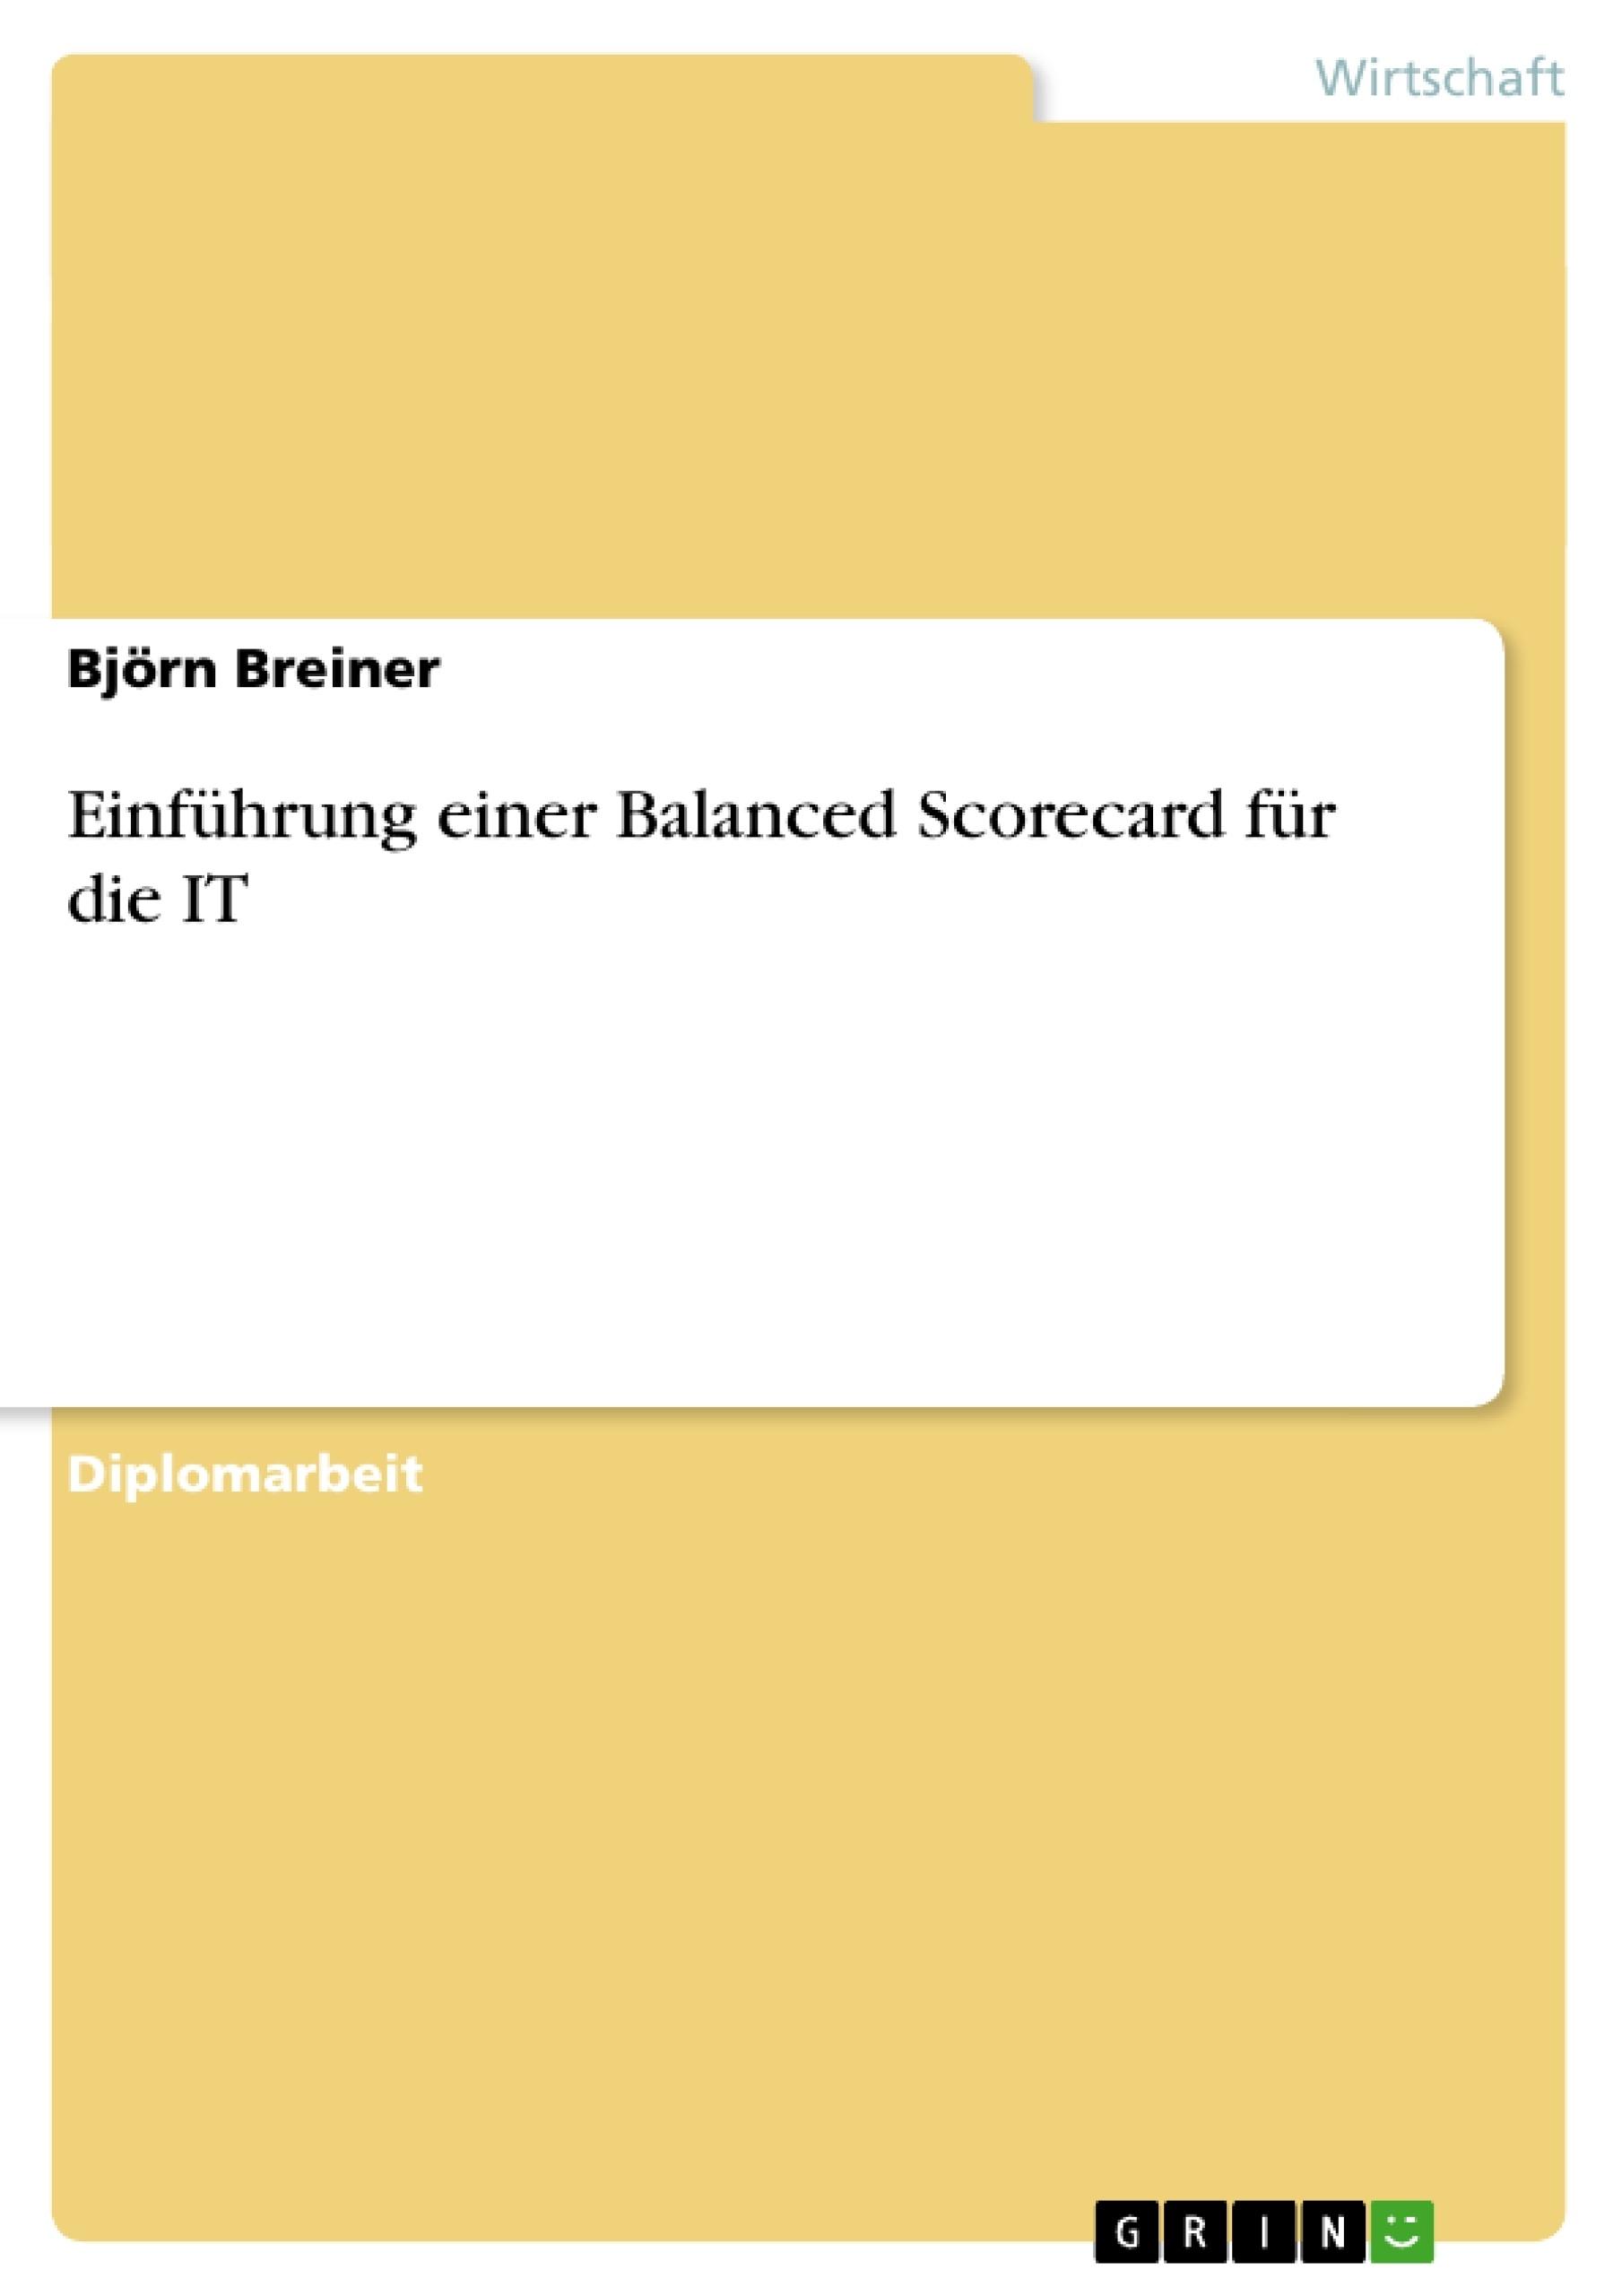 Titel: Einführung einer Balanced Scorecard für die IT